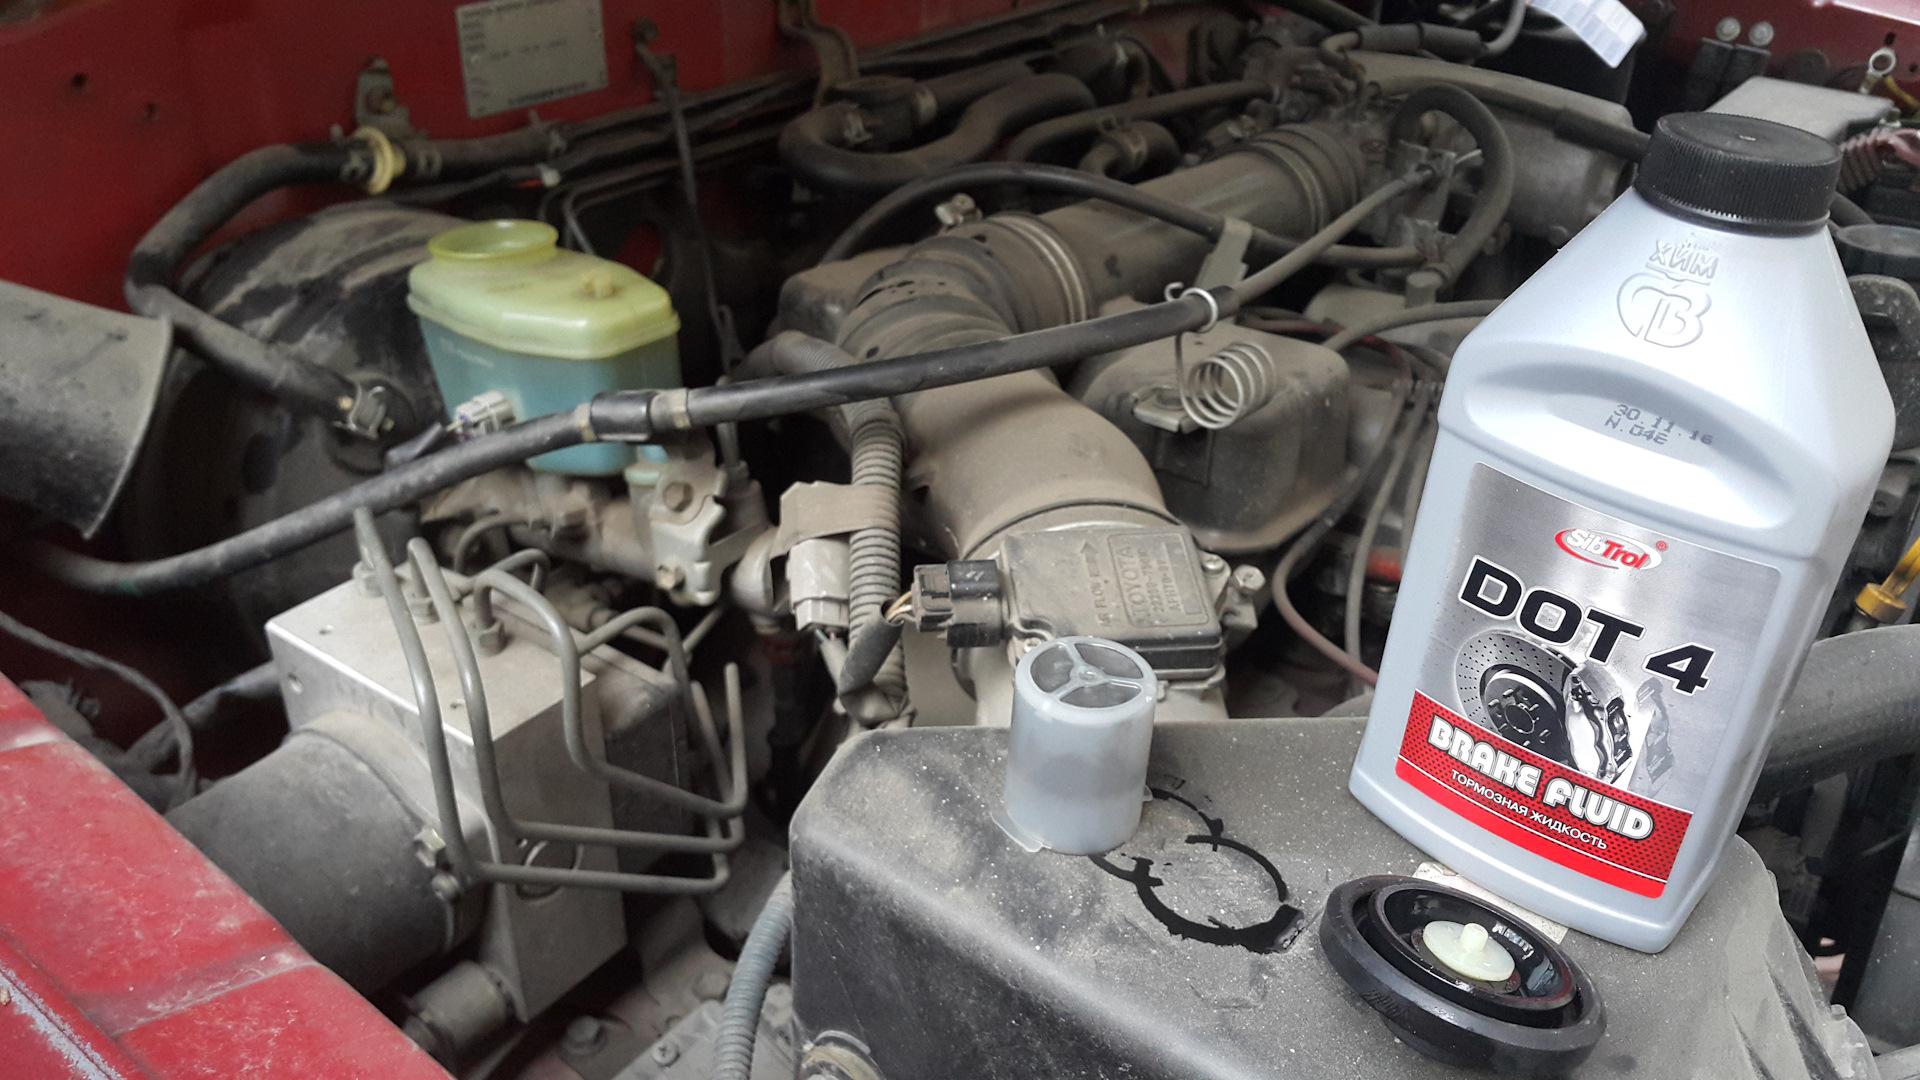 дот 4 для замены тормозной жидкости на прадо 150